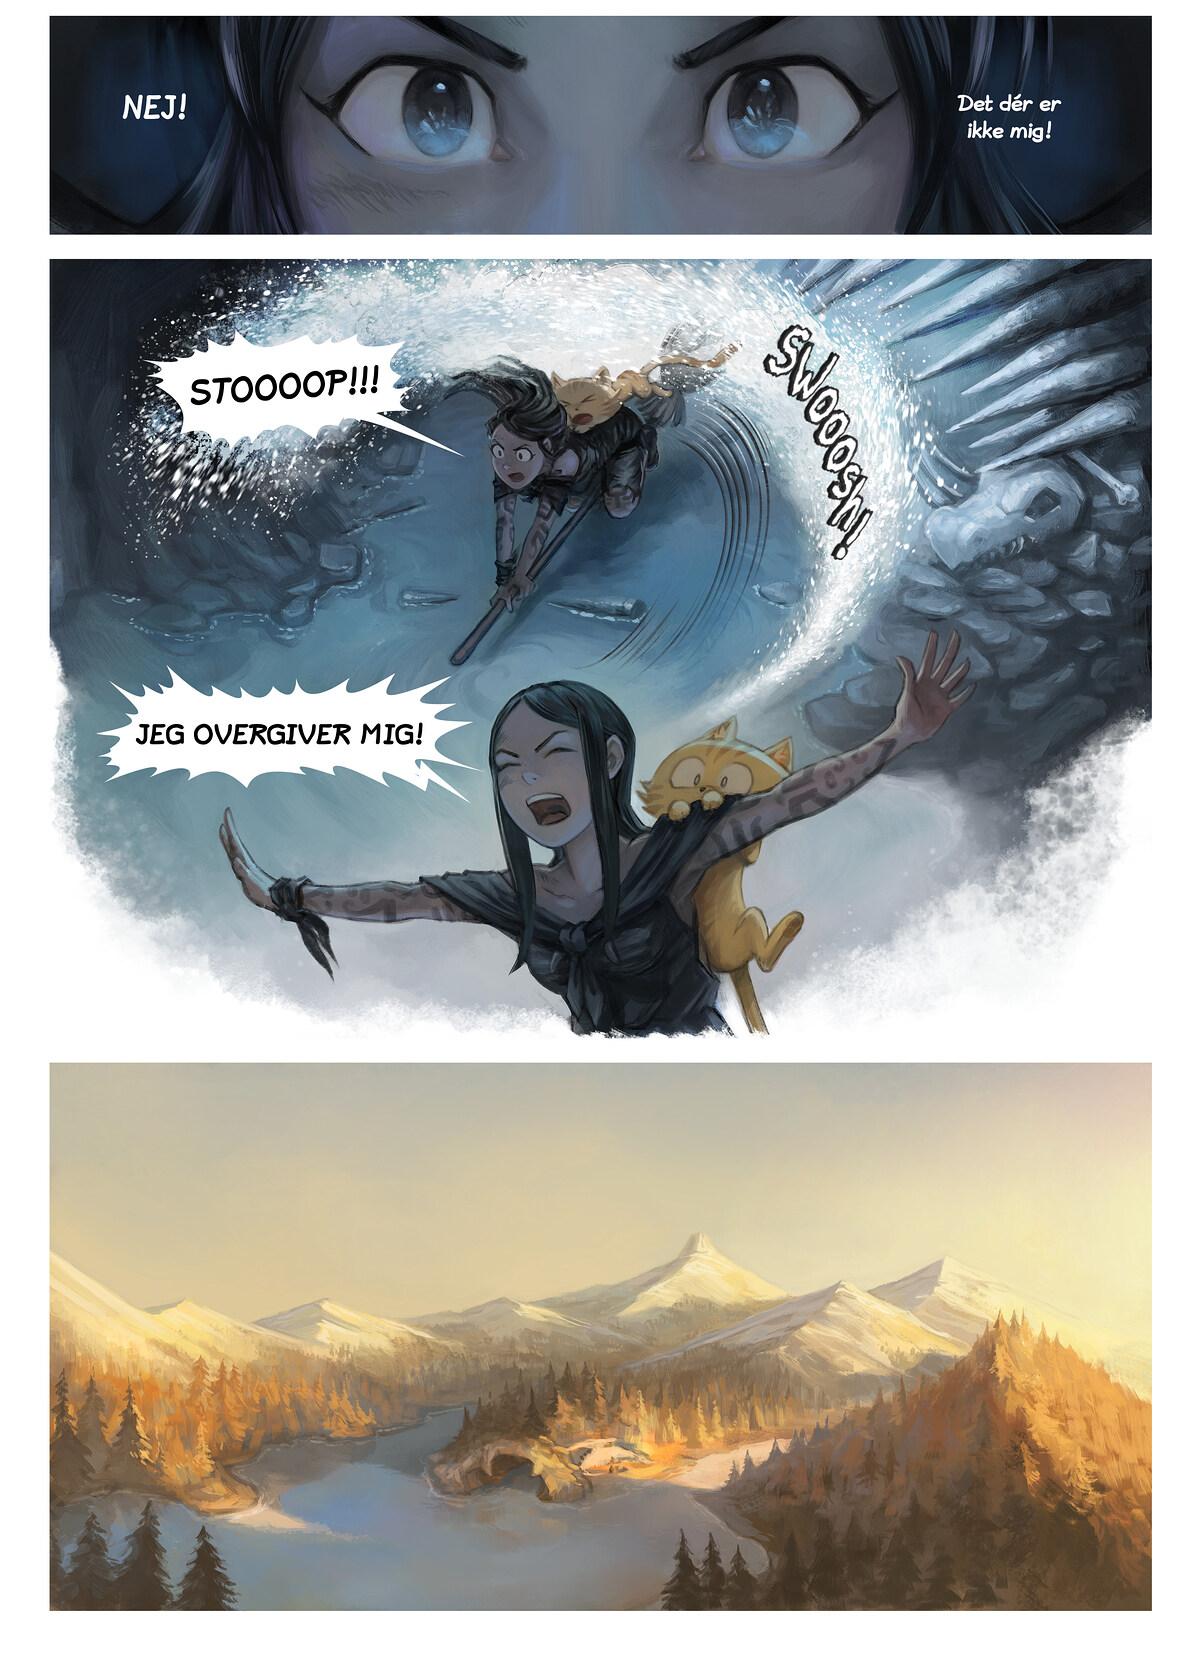 Episode 35: Spejlbilledet, Page 9